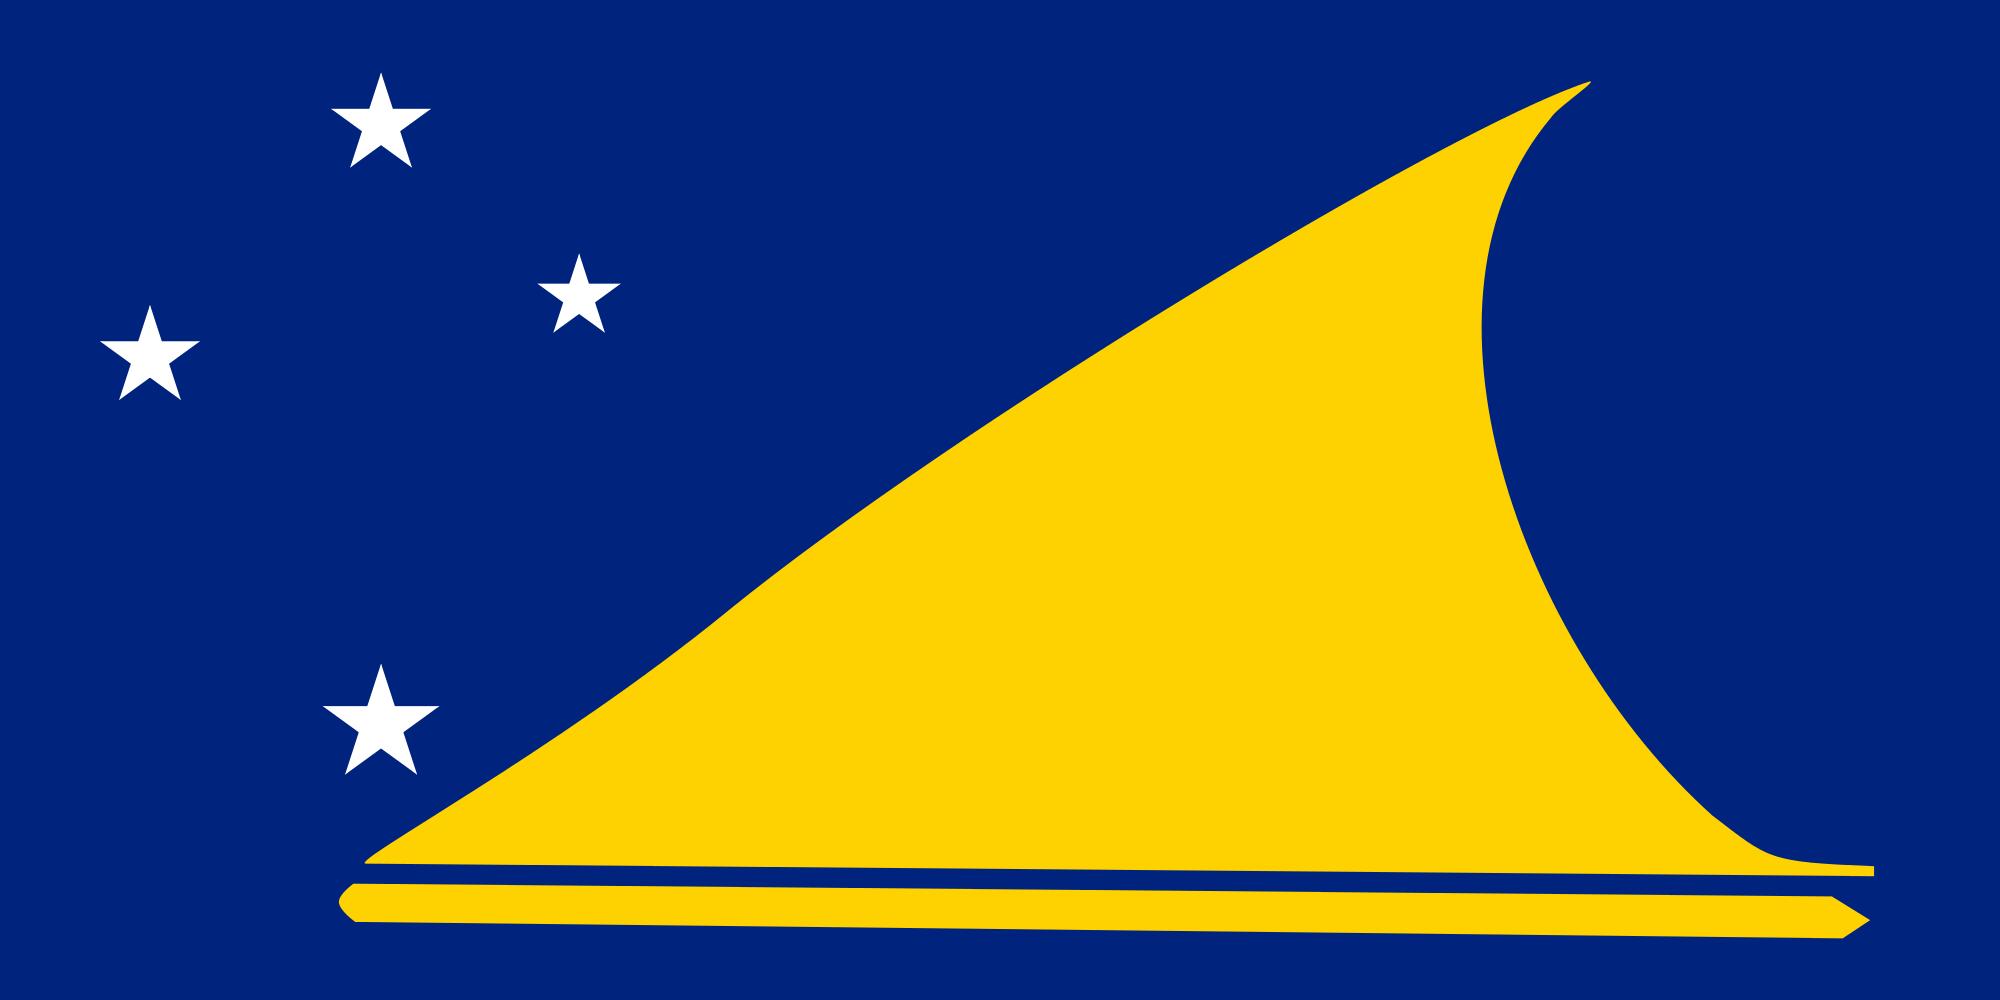 Tokélaou, pays, emblème, logo, symbole - Fonds d'écran HD - Professor-falken.com